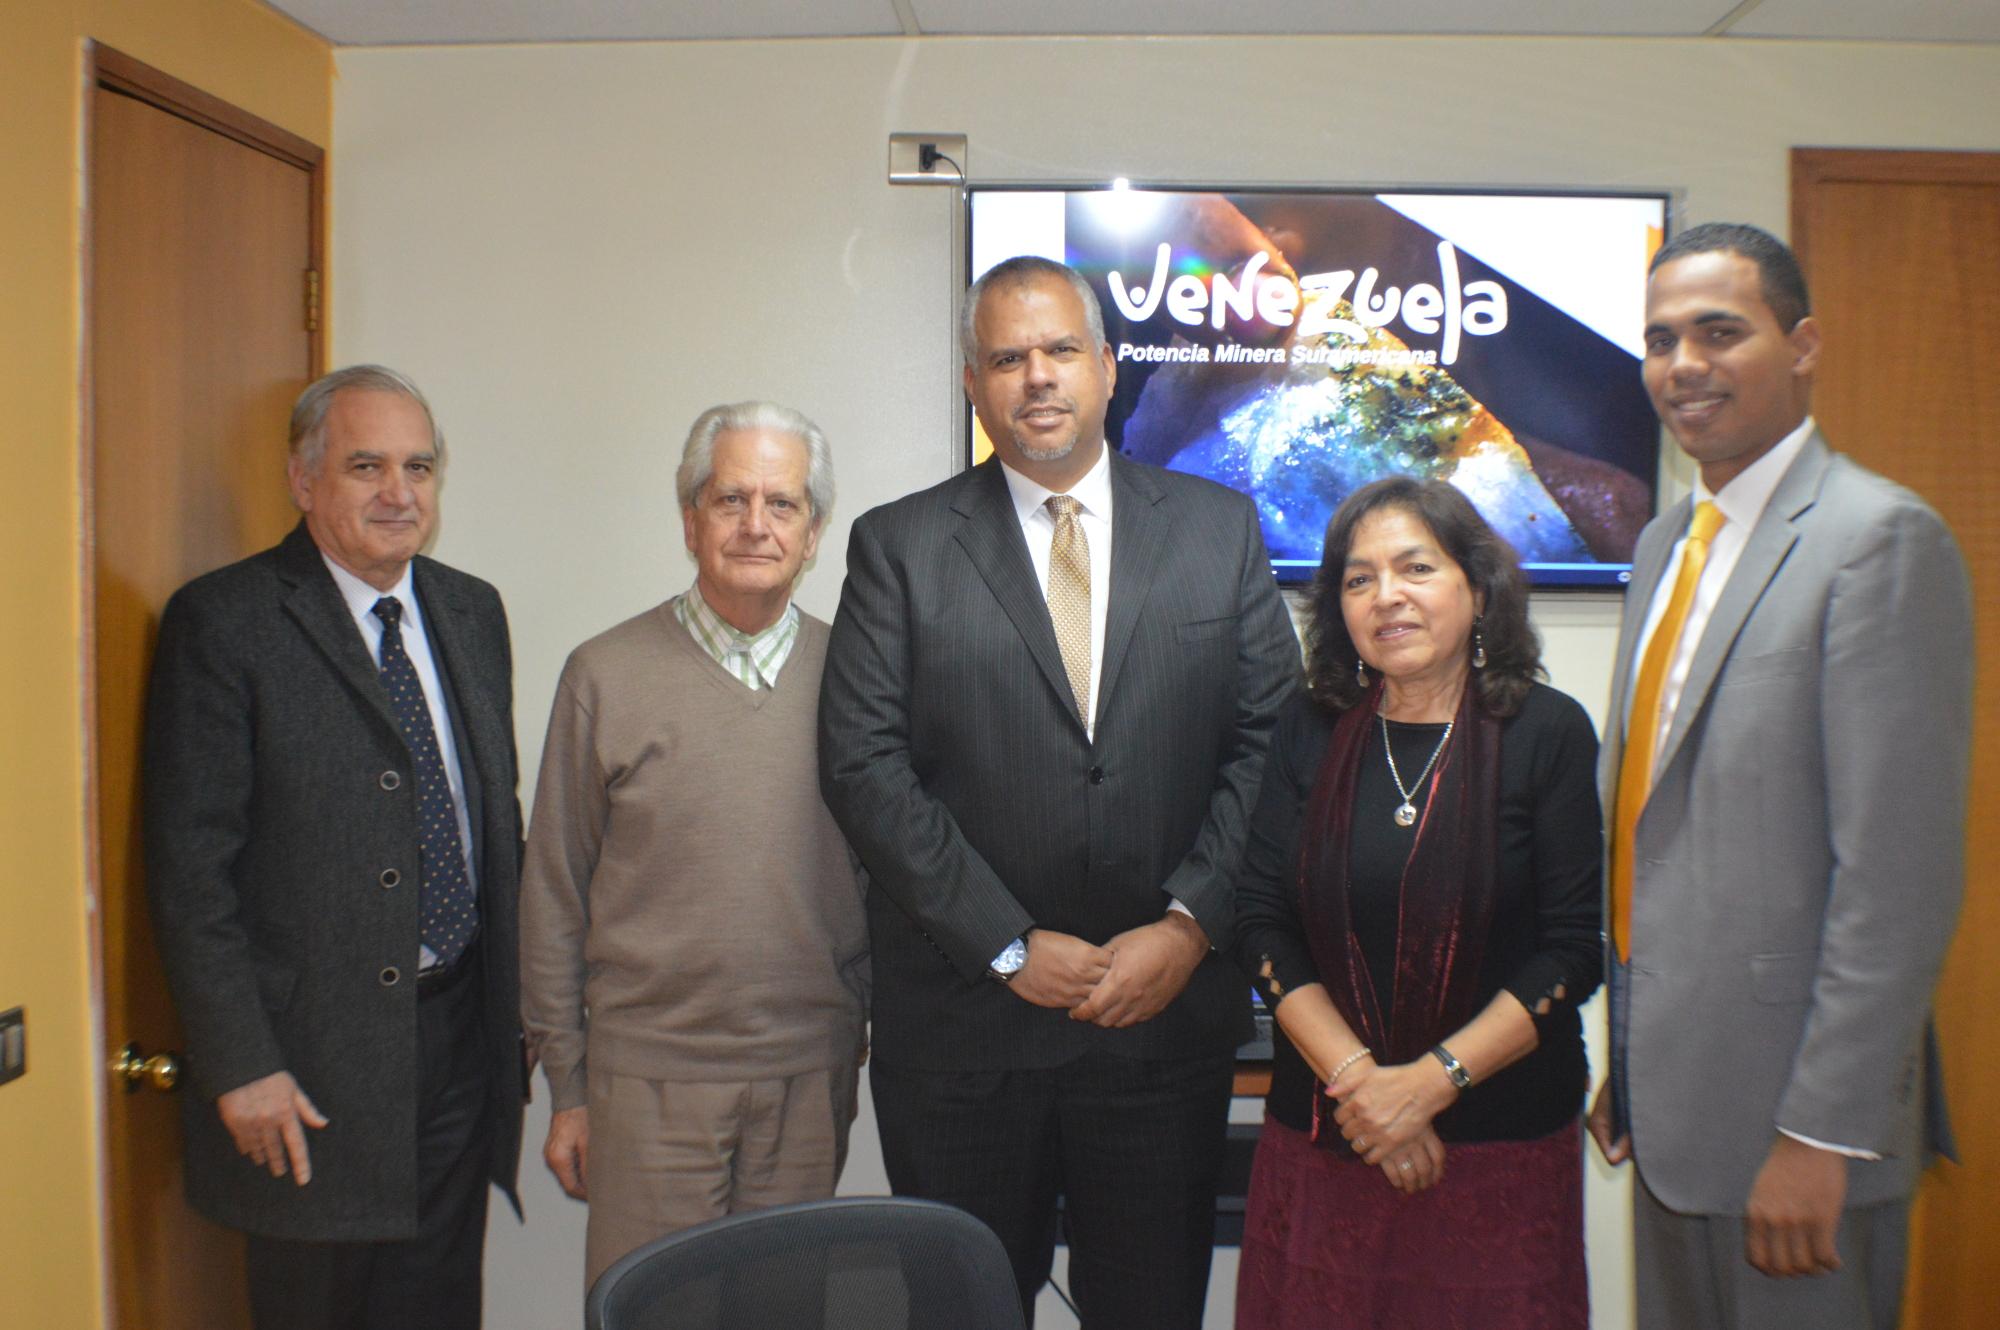 La Comisión Minera de Chile certifica a Personas Competentes para la Certificación de Reservas y Recursos Mineros